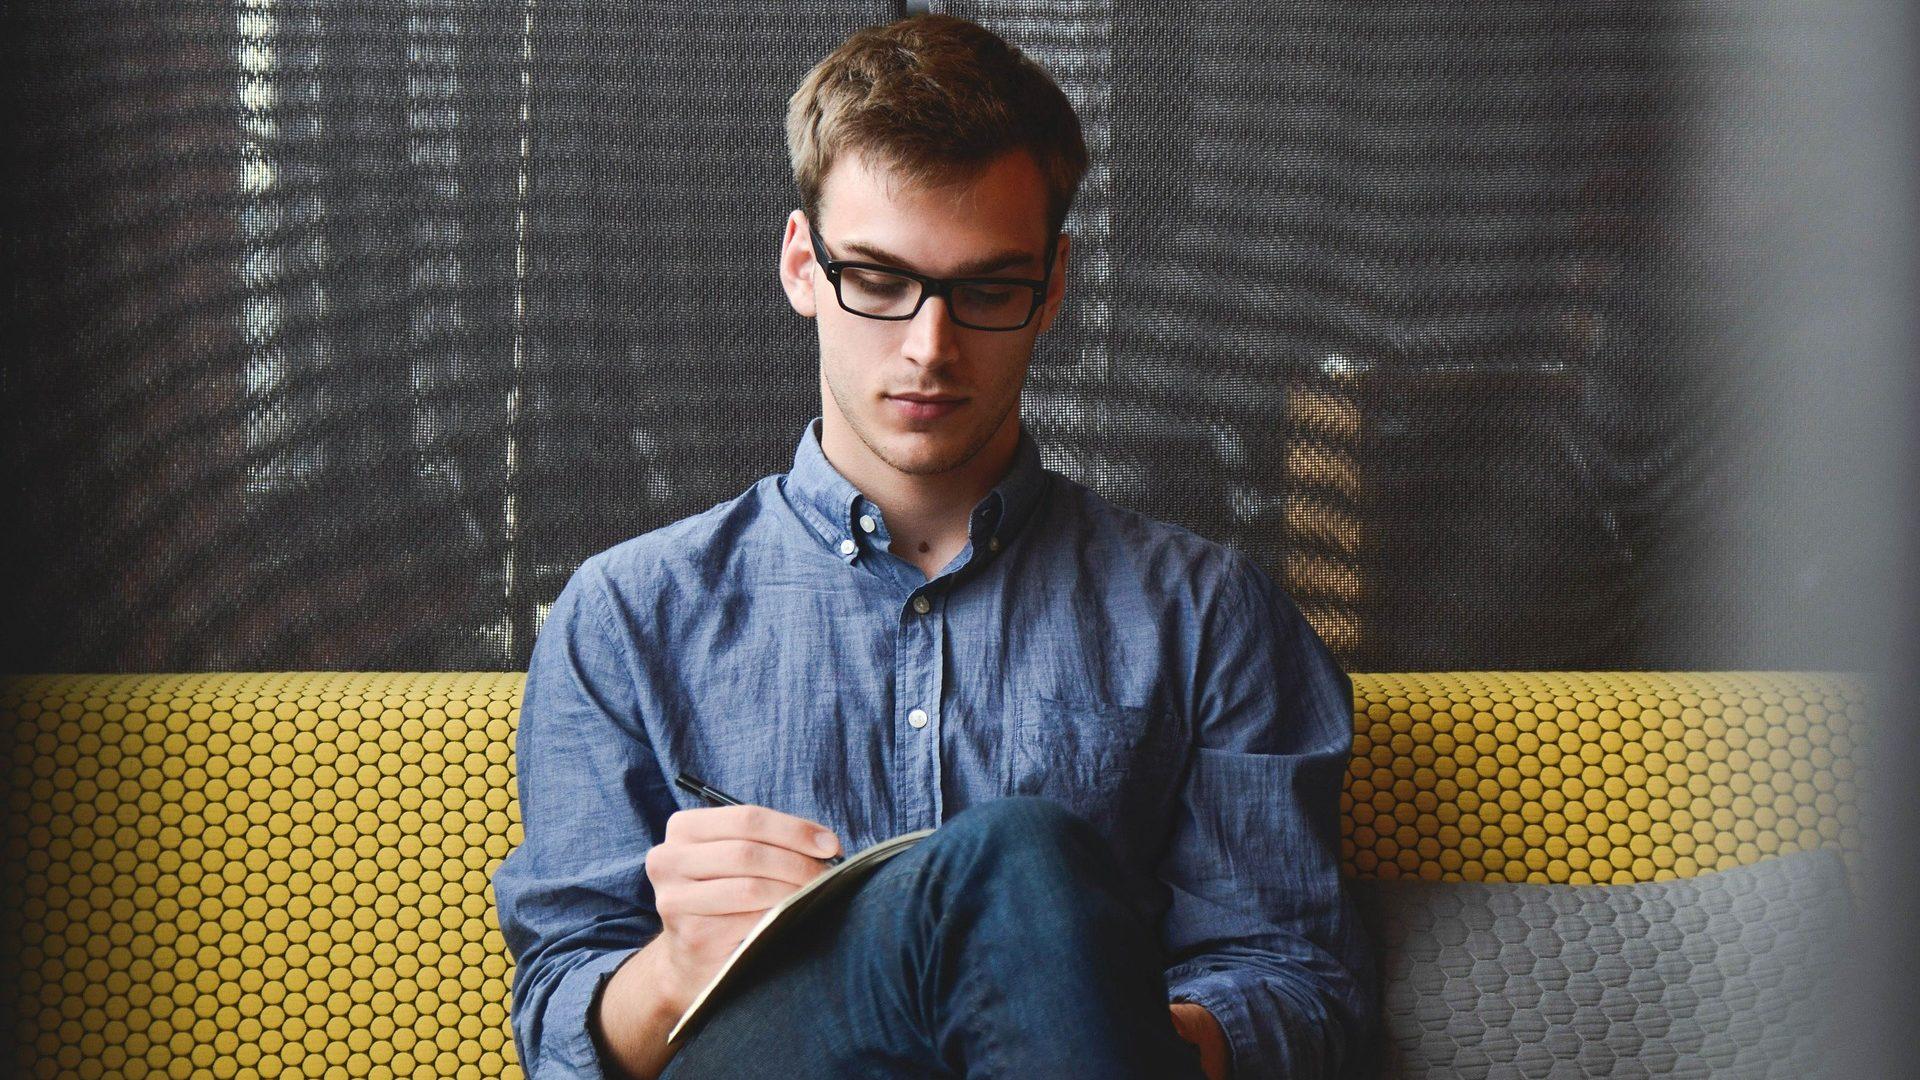 Direito a desligar? Quase 40% dos trabalhadores são contactados fora do horário